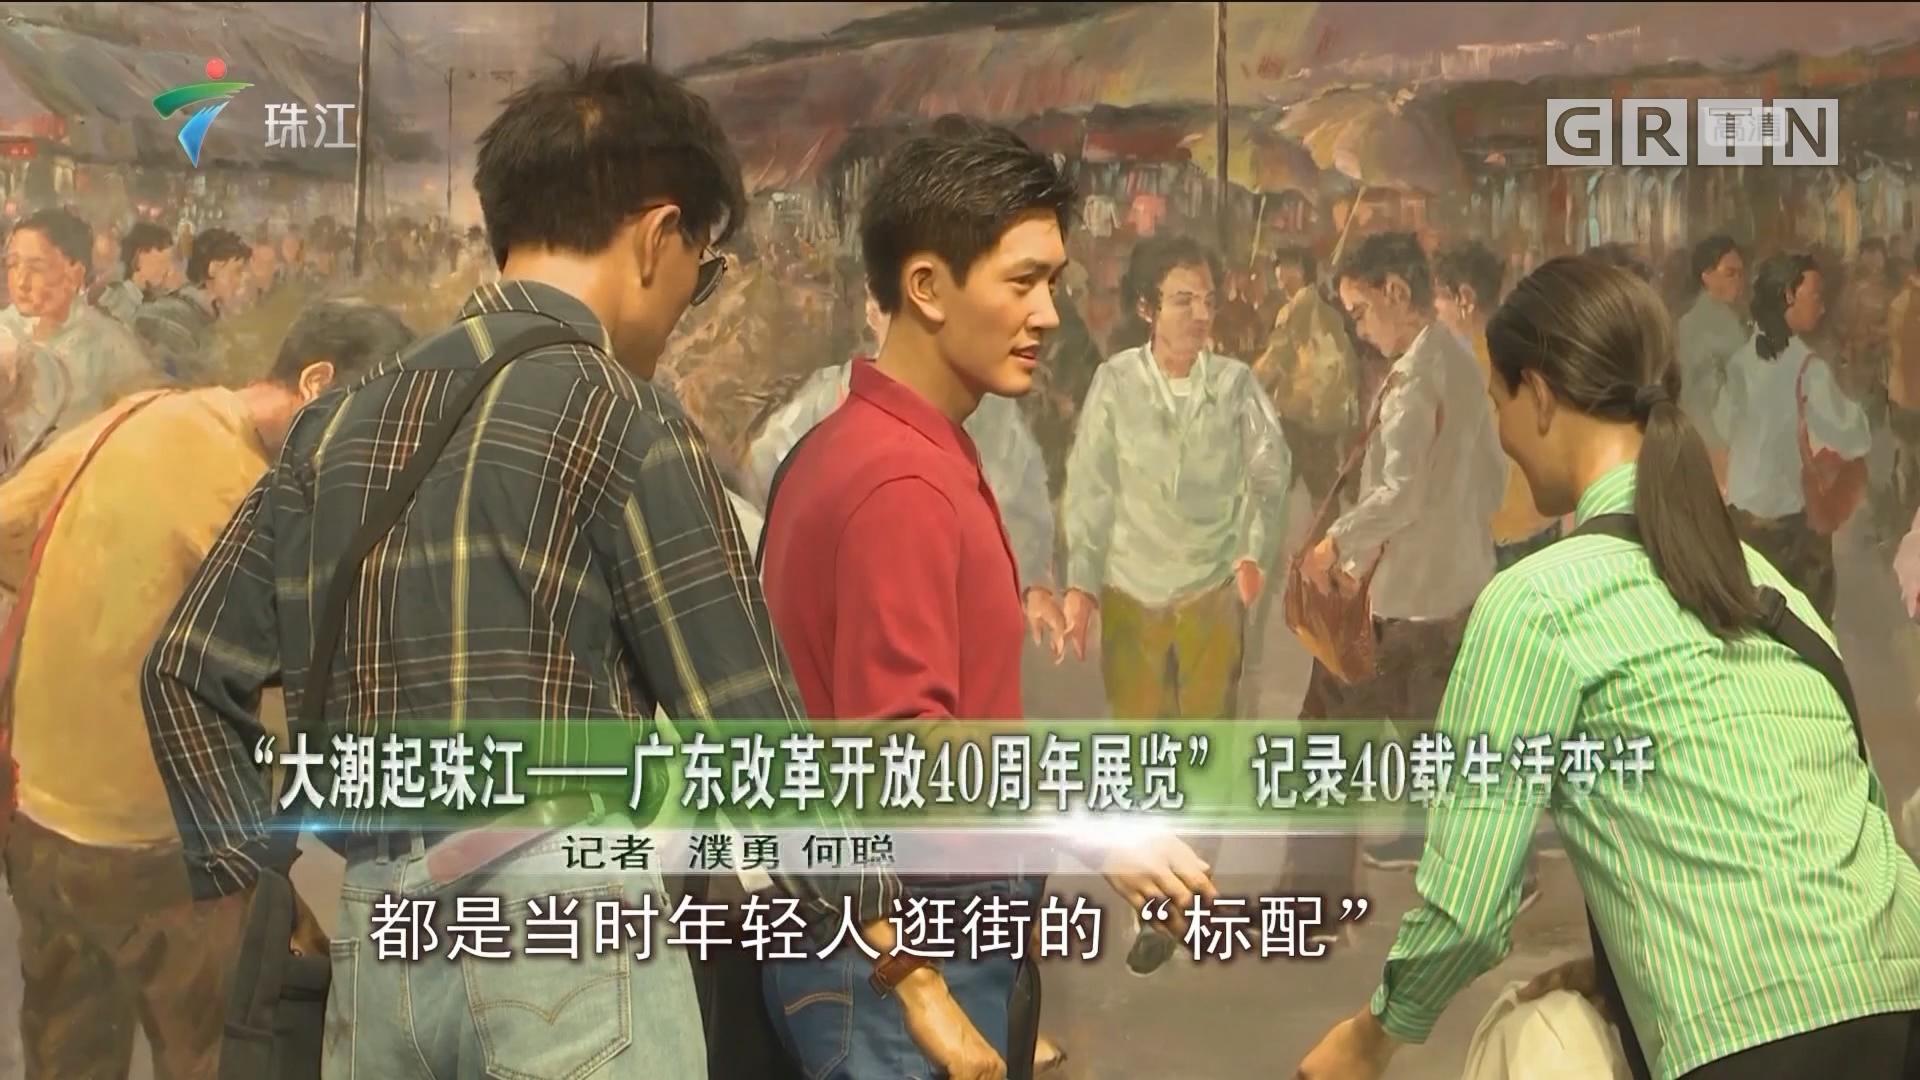 """""""大潮起珠江——广东改革开放40周年展览"""" 记录40载生活变迁"""